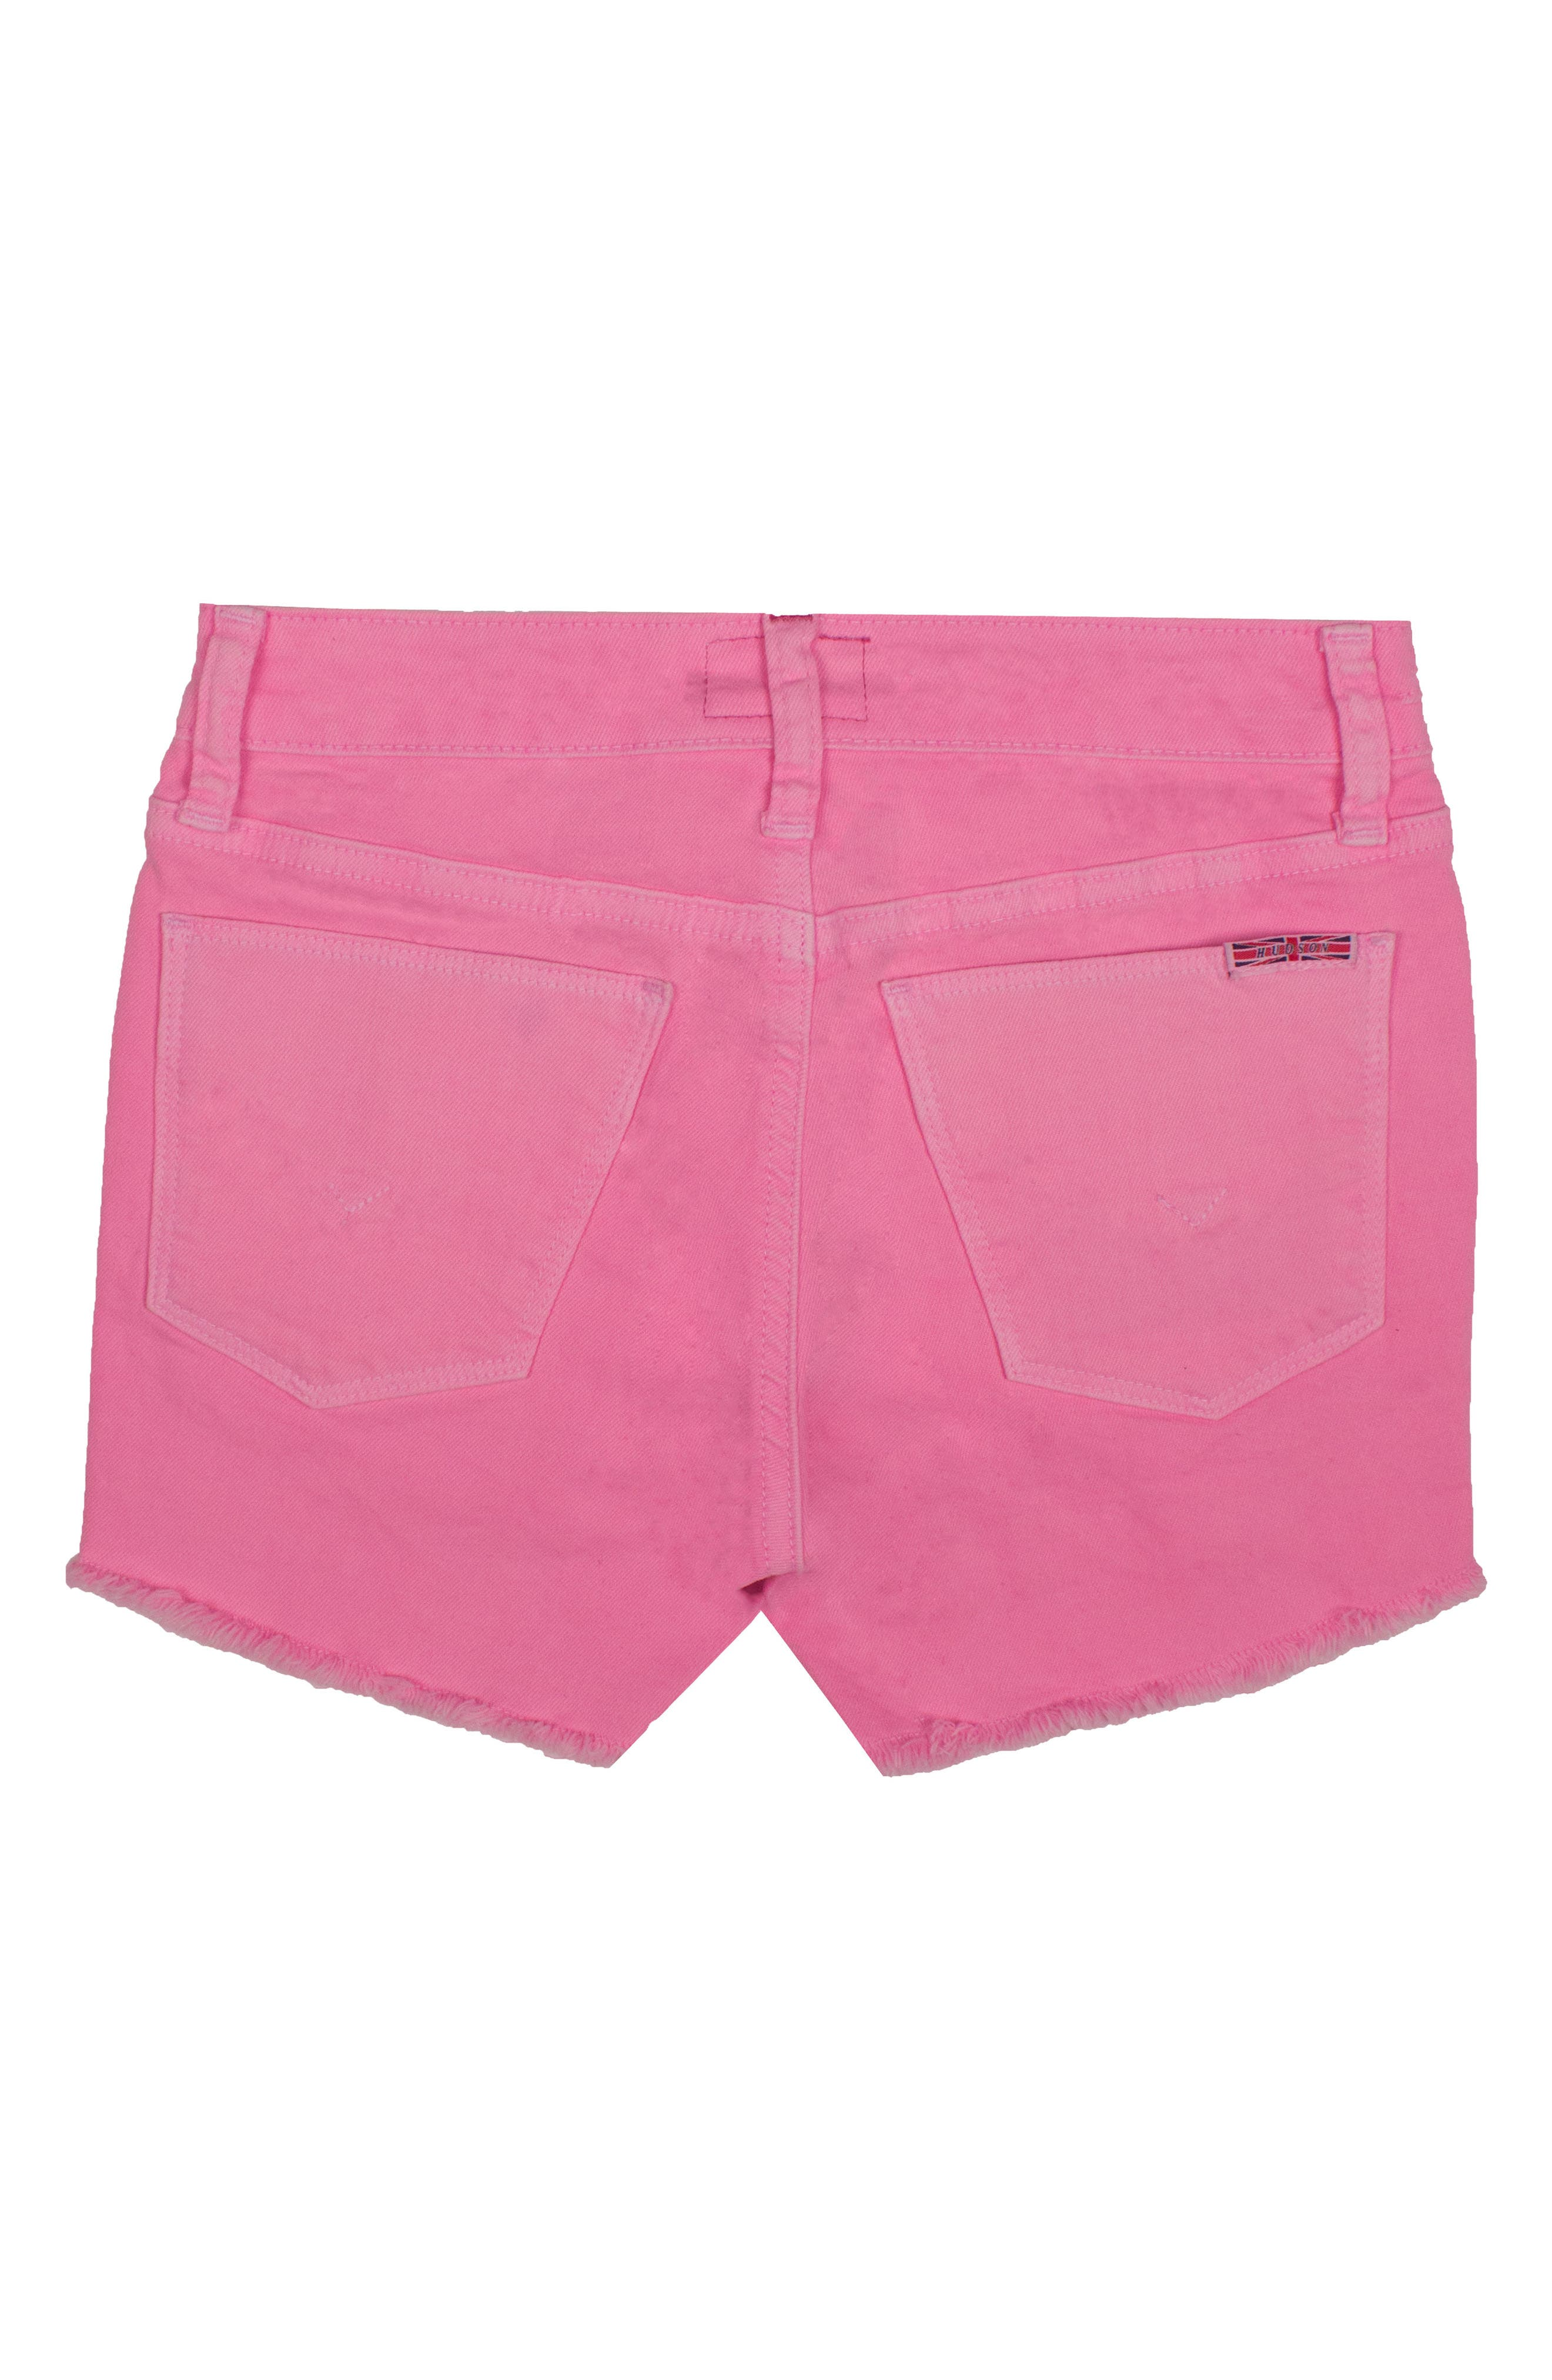 Ava Shorts,                             Main thumbnail 1, color,                             694